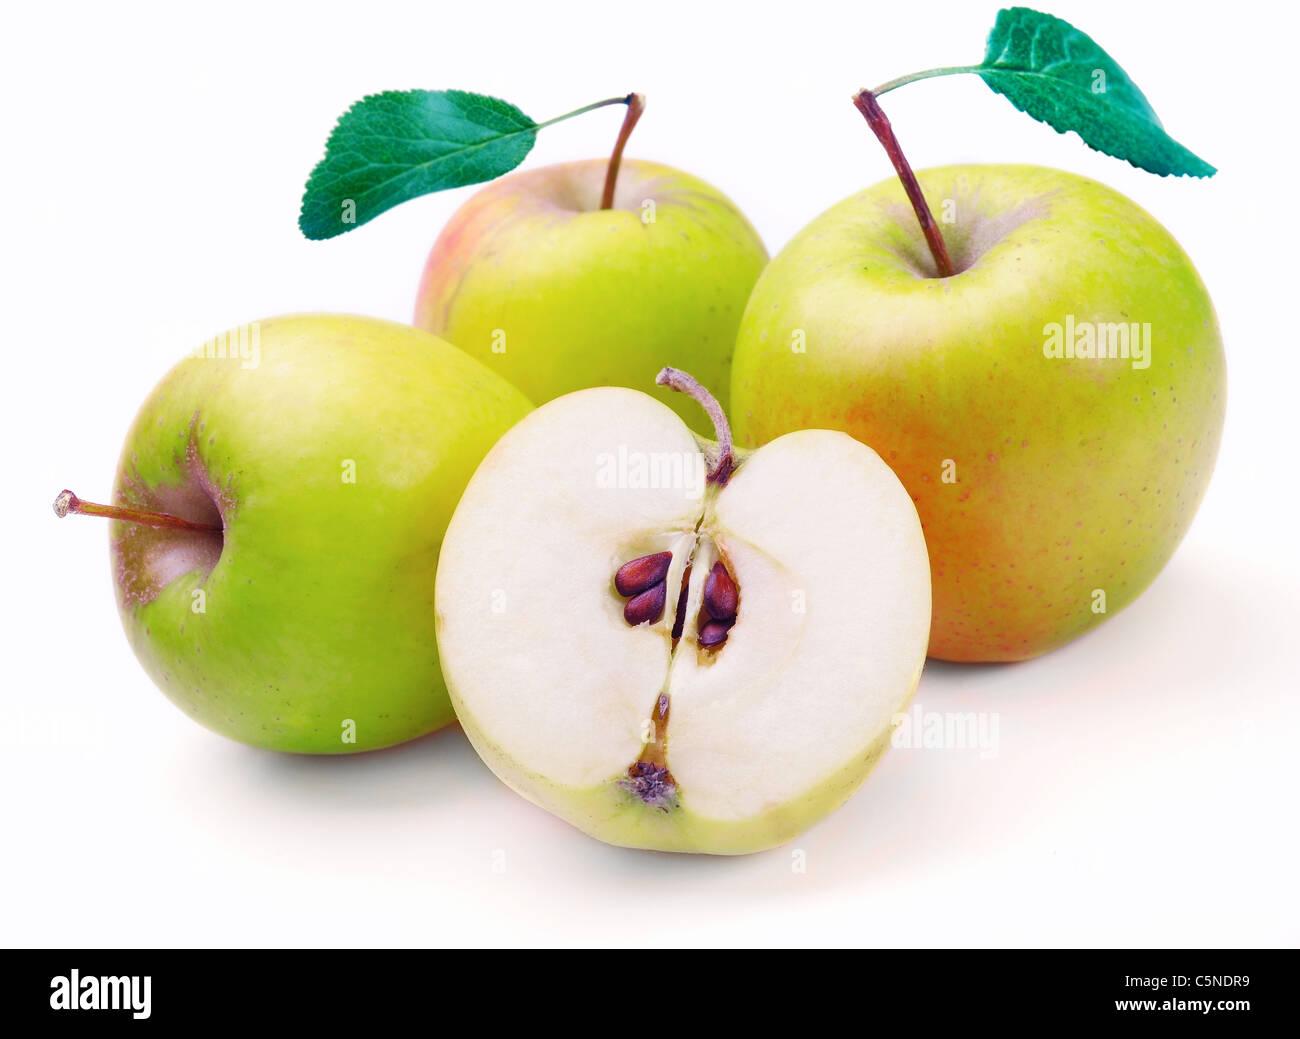 La pomme verte isolée sur fond blanc Photo Stock